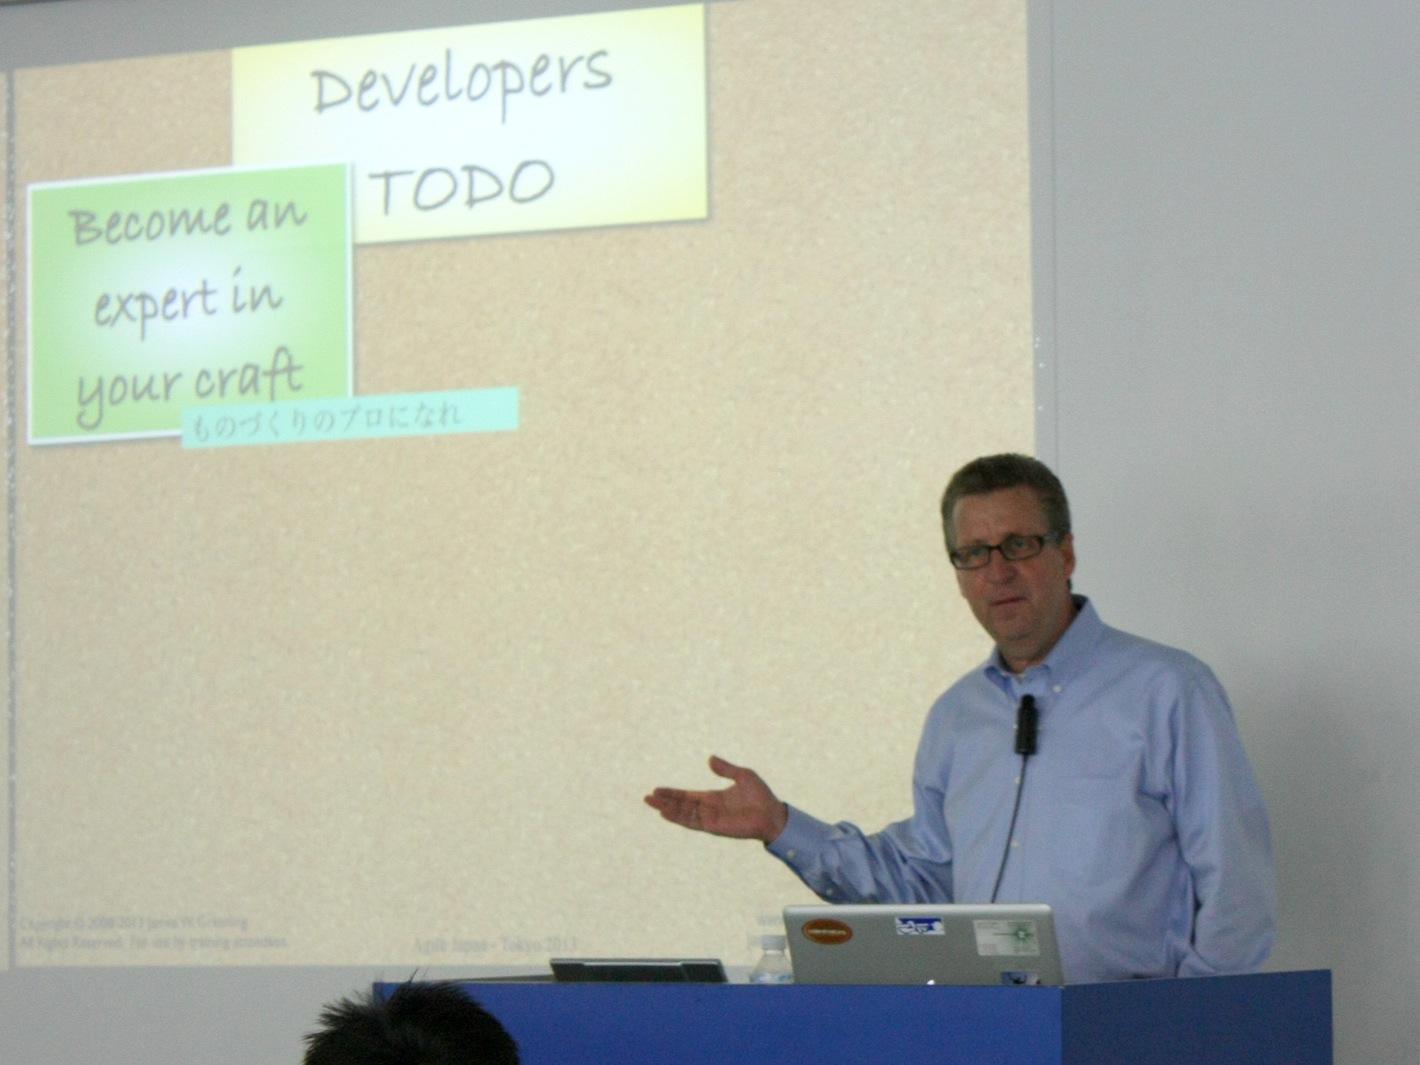 agilejapan_James Grenning氏keynote3